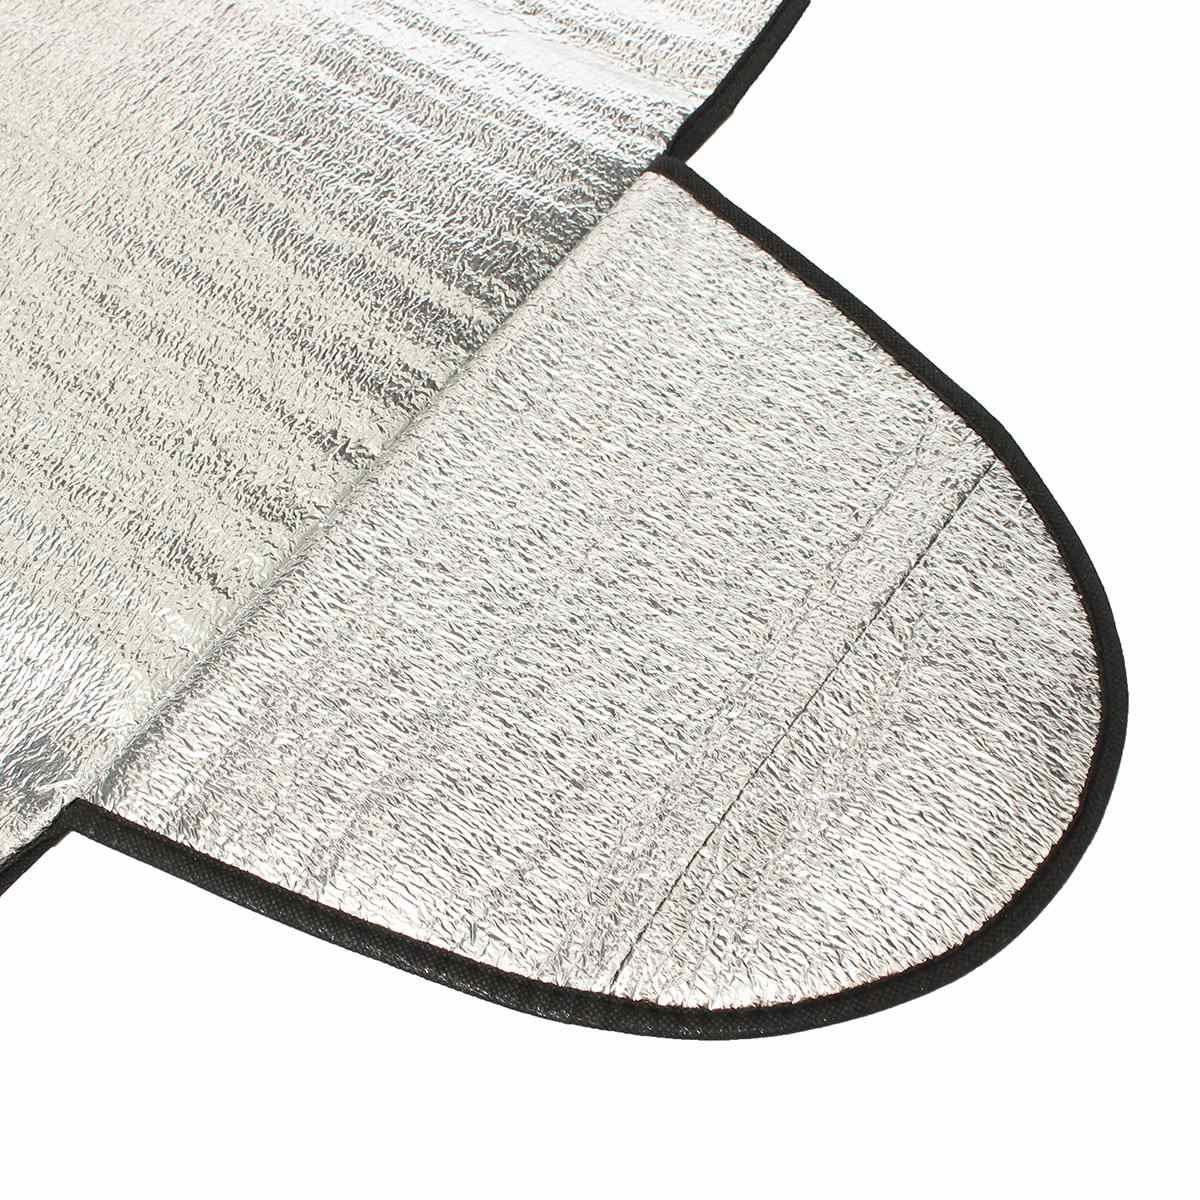 Cubierta del visor del parabrisas del coche Calor Sombra protectora contra el polvo UV Protección contra el hielo y la escarcha contra la nieve UV